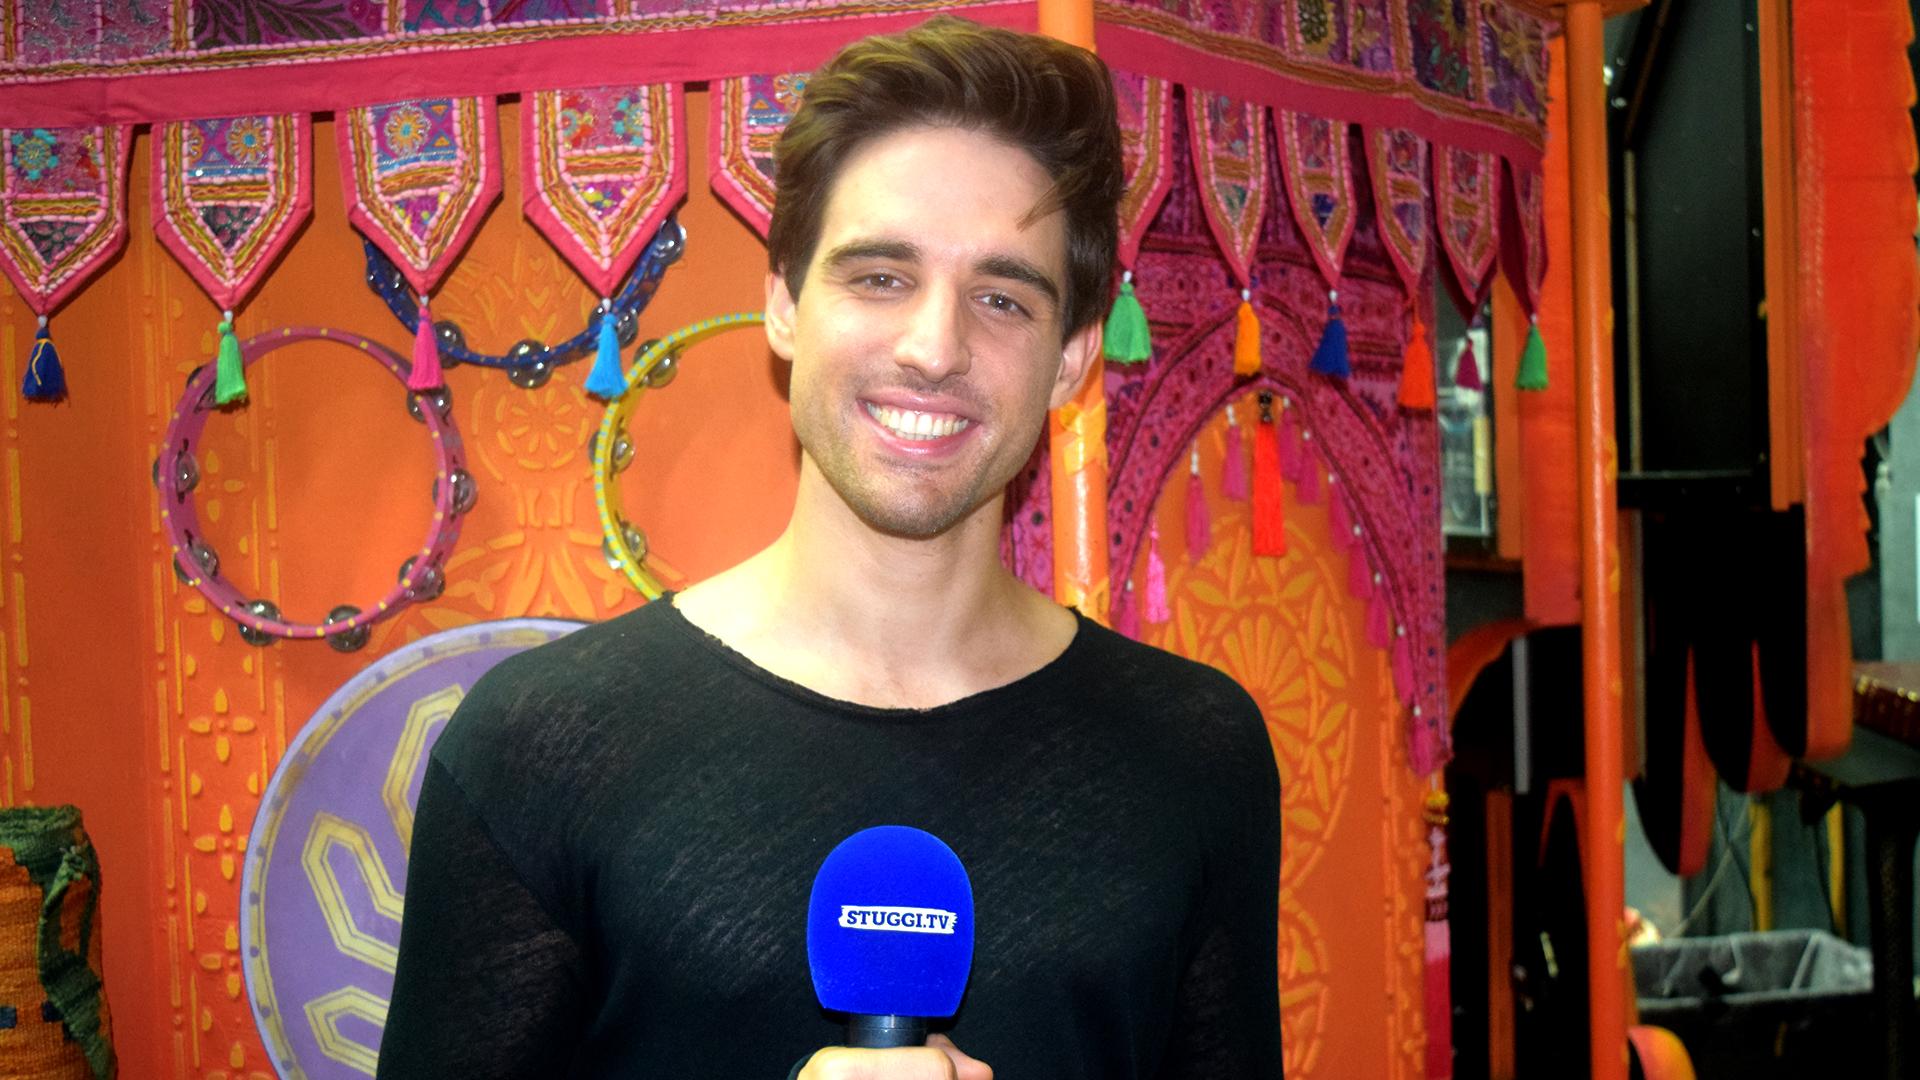 """Wir haben """"Stuttgarts Aladdin"""" Philipp Büttner zum Interview im SI-Centrum getroffen. (Foto: STUGGI.TV)"""